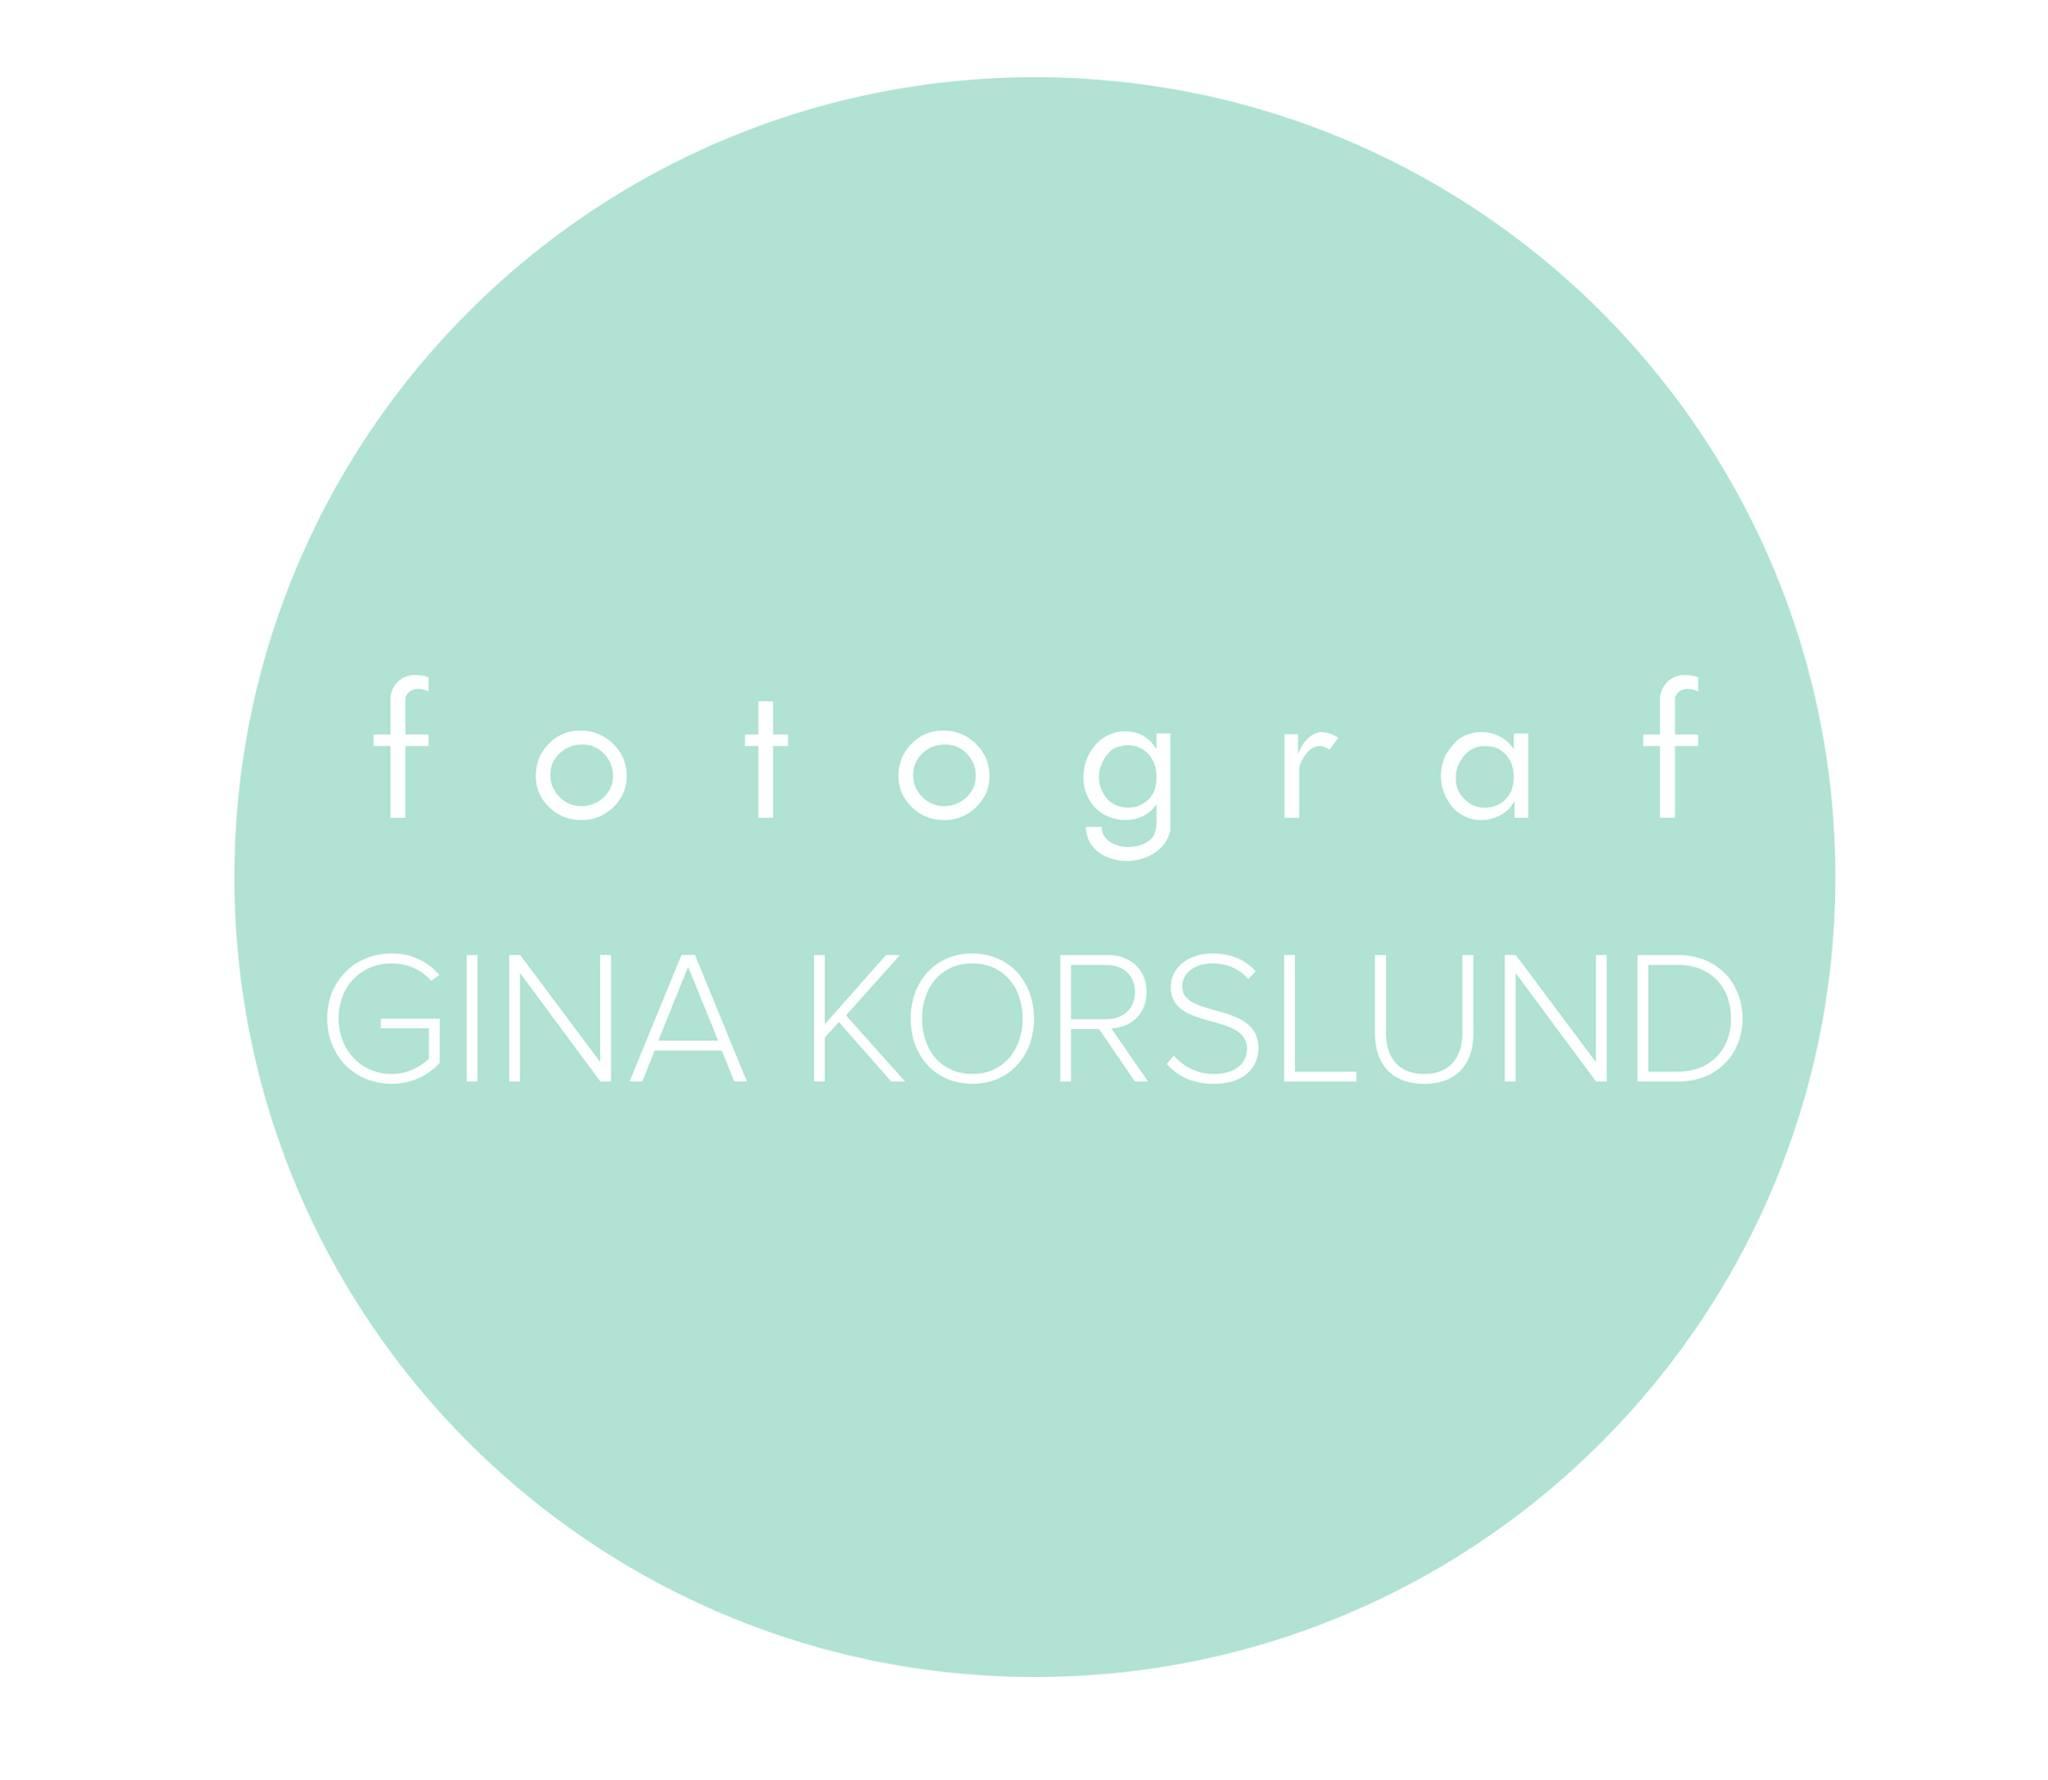 Fotograf Gina Korslund